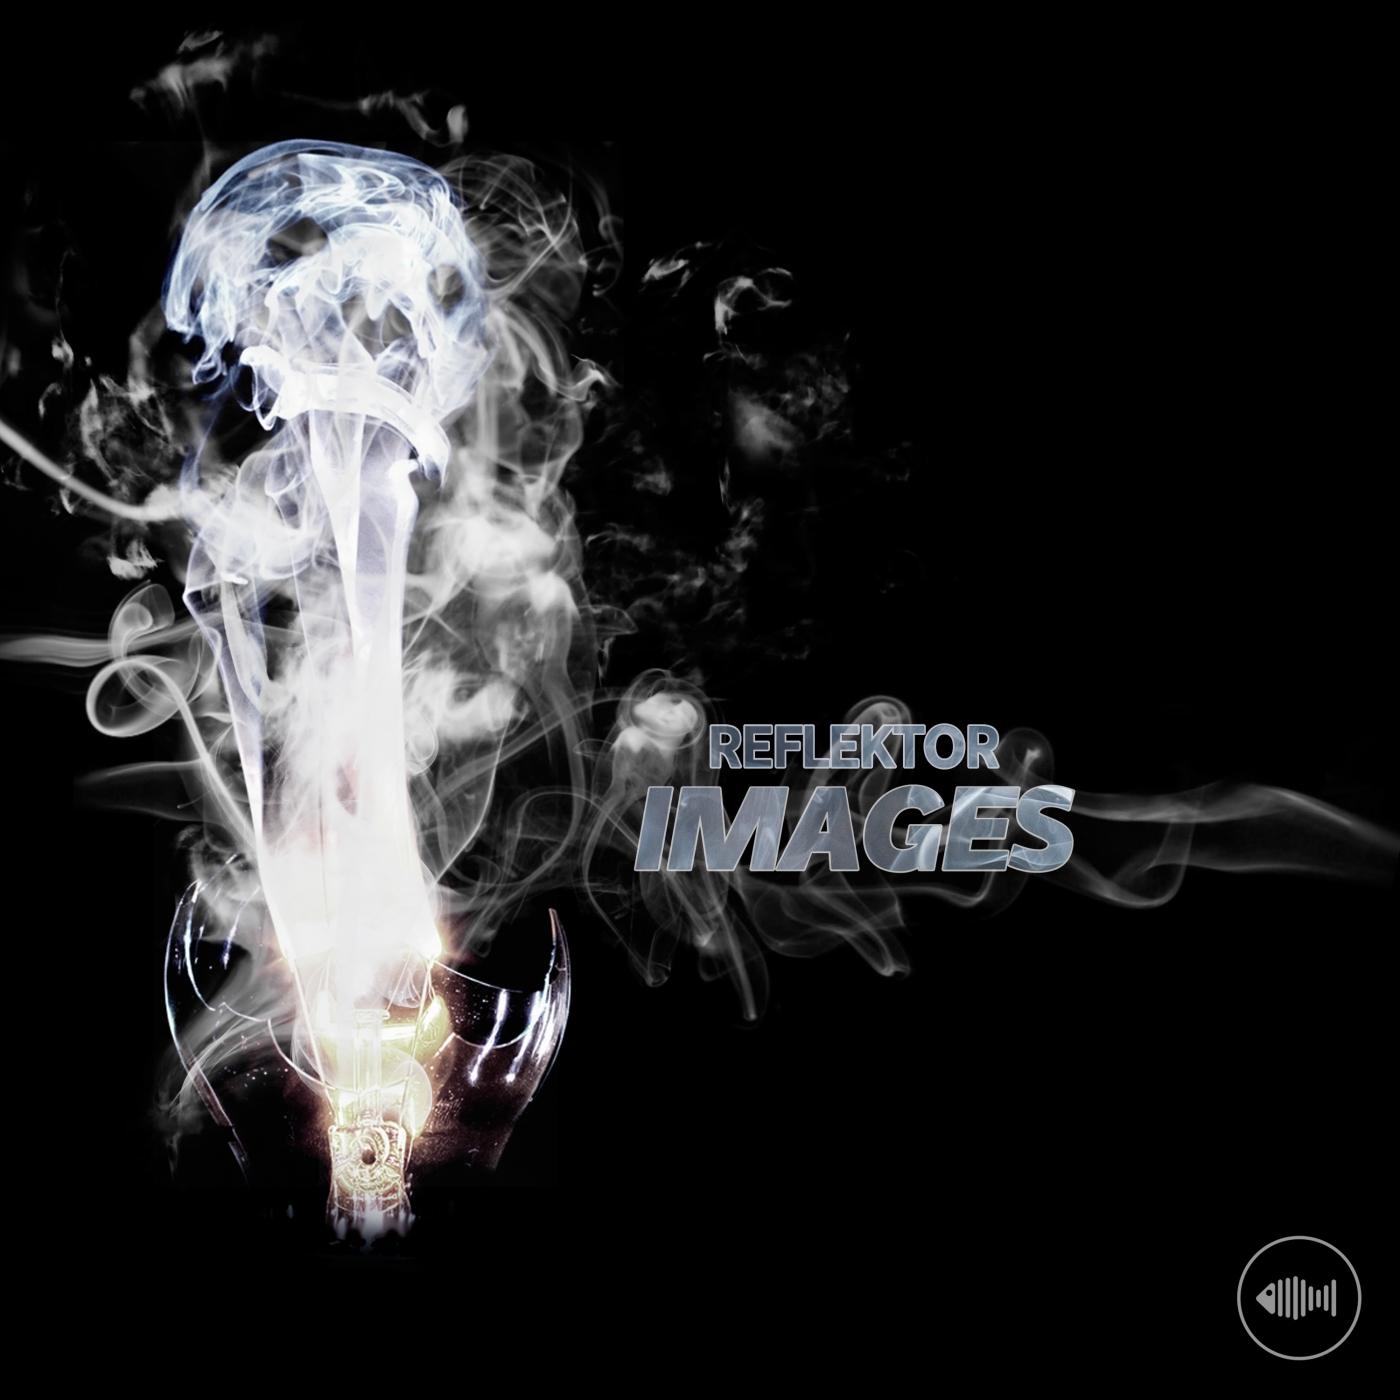 BTR026 - Reflektor - Images EP